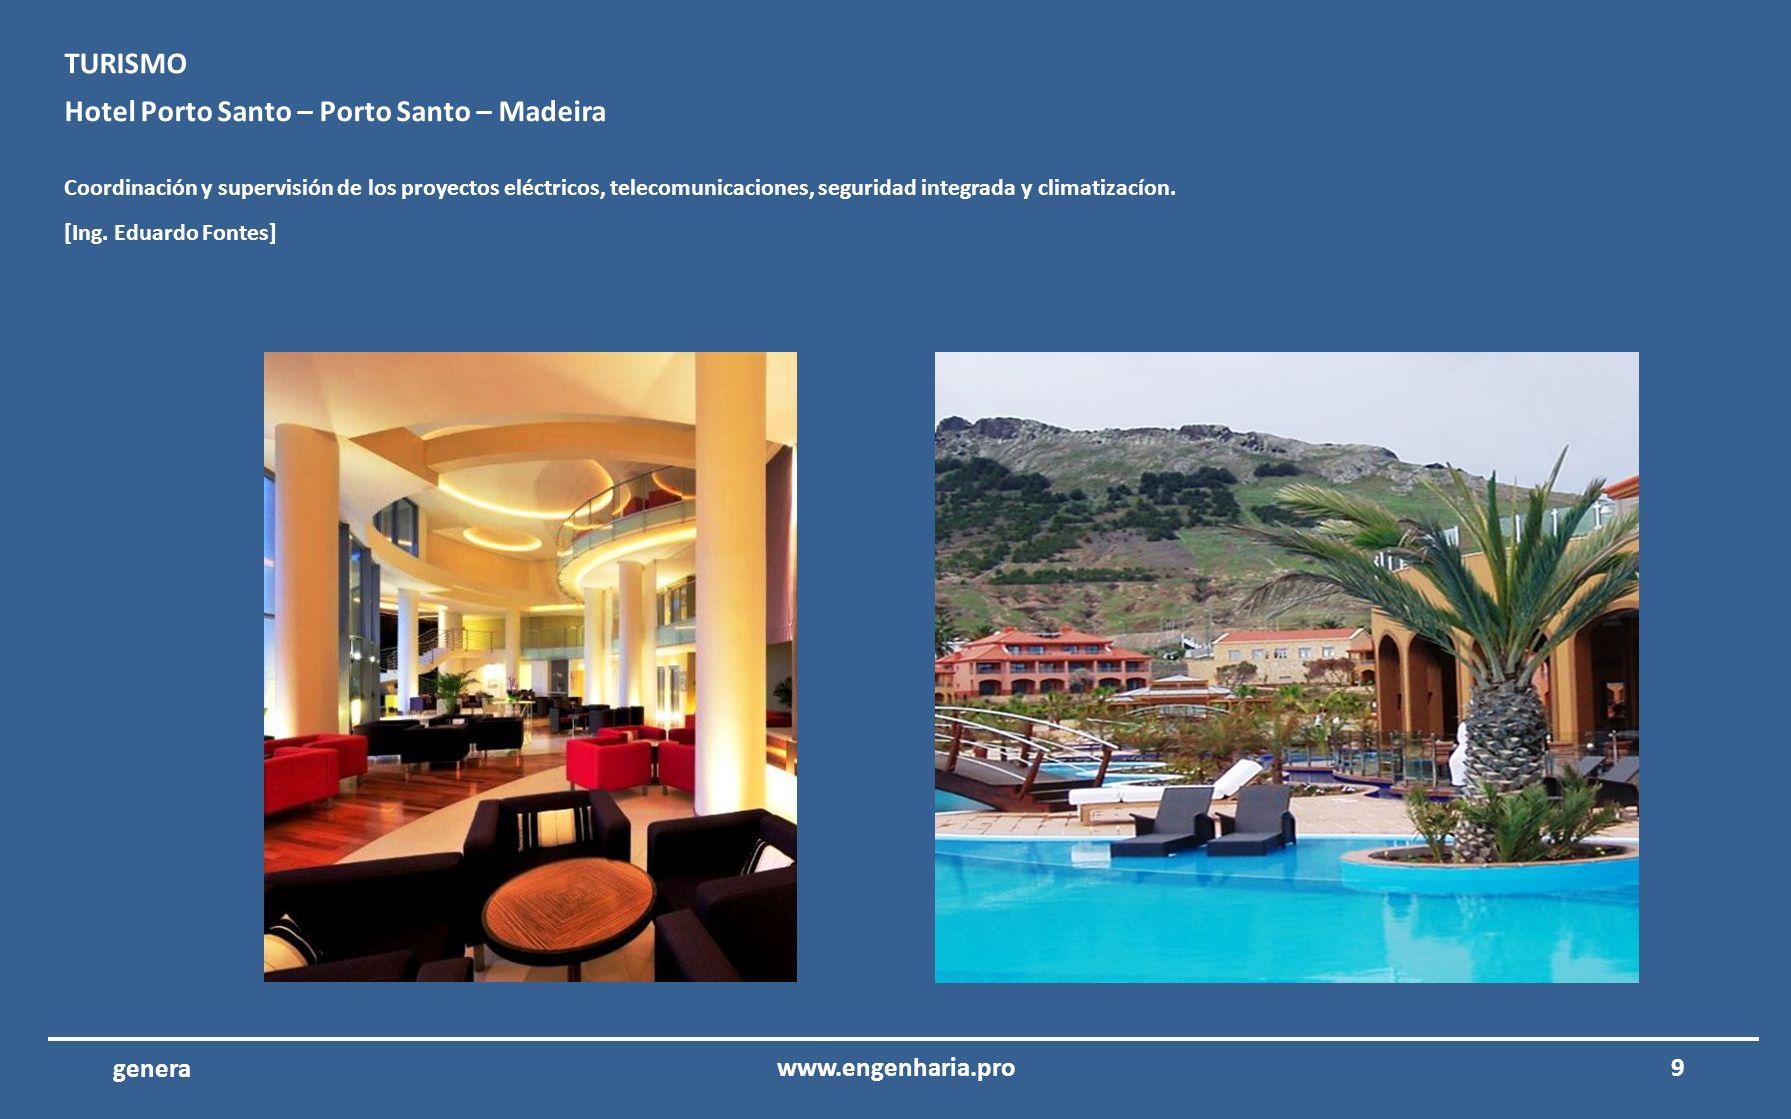 9www.engenharia.pro genera Hotel Porto Santo – Porto Santo – Madeira Coordinación y supervisión de los proyectos eléctricos, telecomunicaciones, seguridad integrada y climatizacíon.